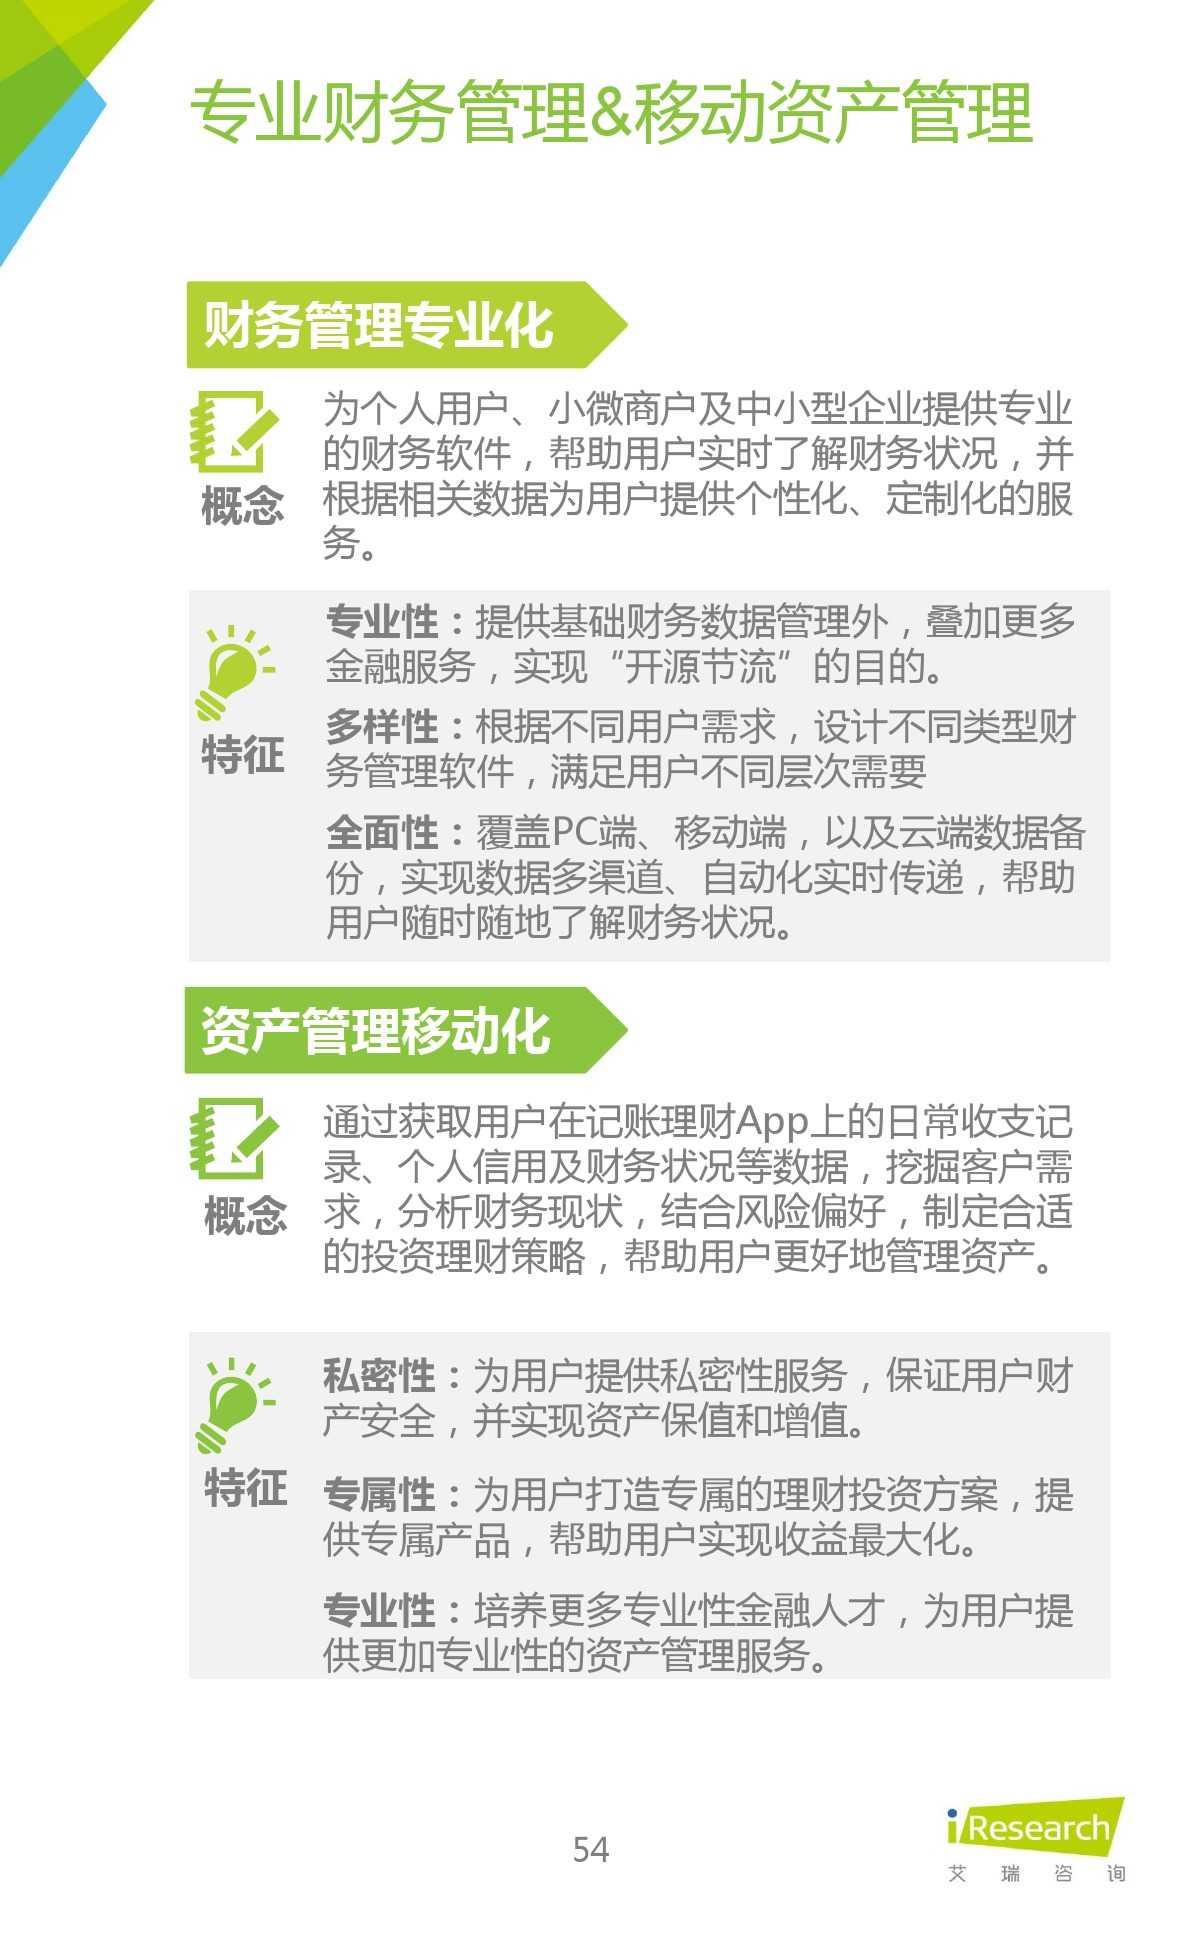 2015年中国生活理财移动App行业研究报告_000054